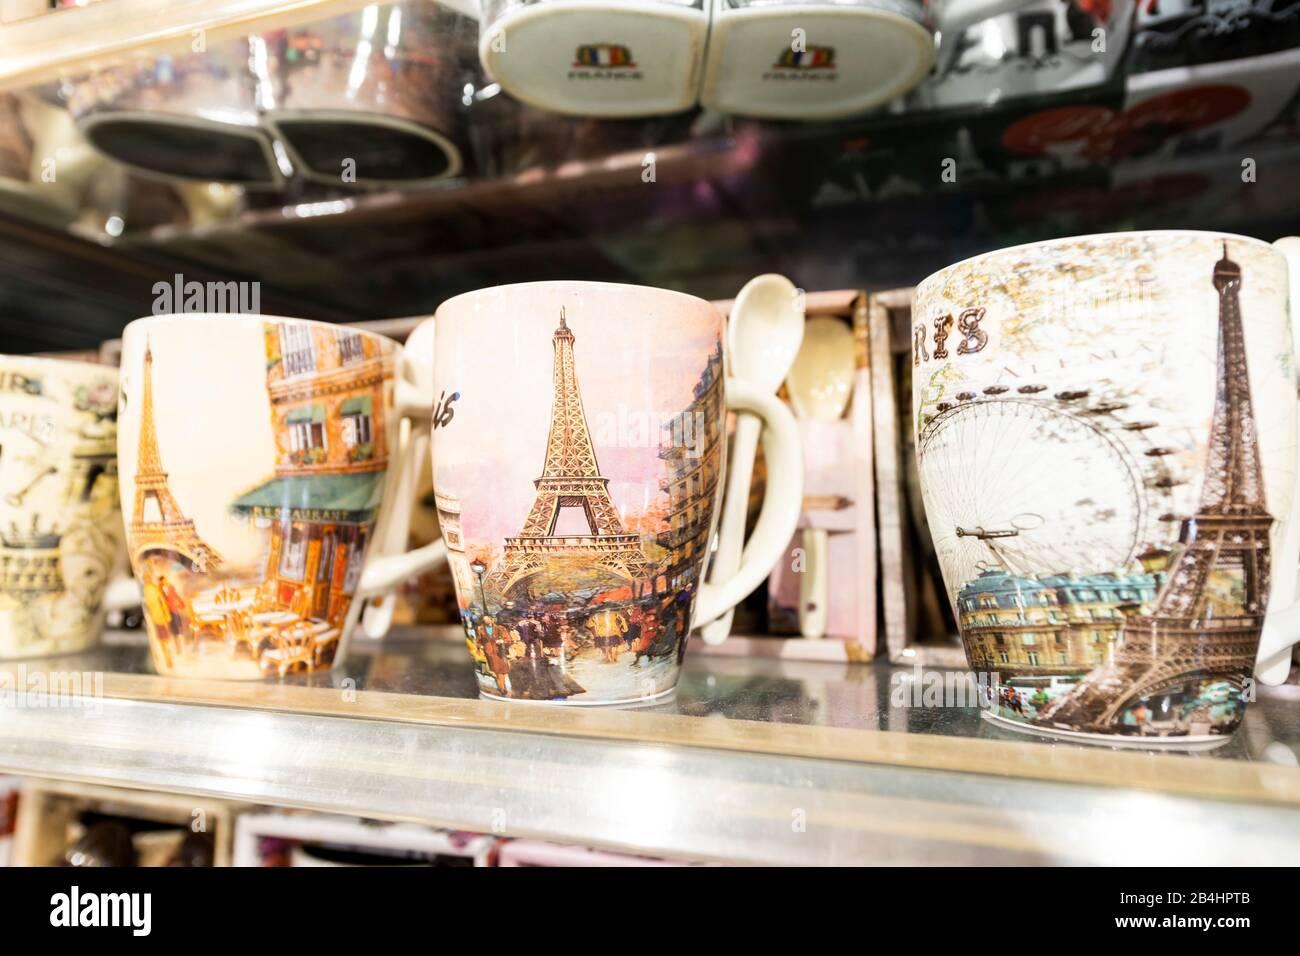 Kaffeetassen mit Eiffelturmaufdruck, französische Souveniers, Paris, Frankreich, Europa Stock Photo